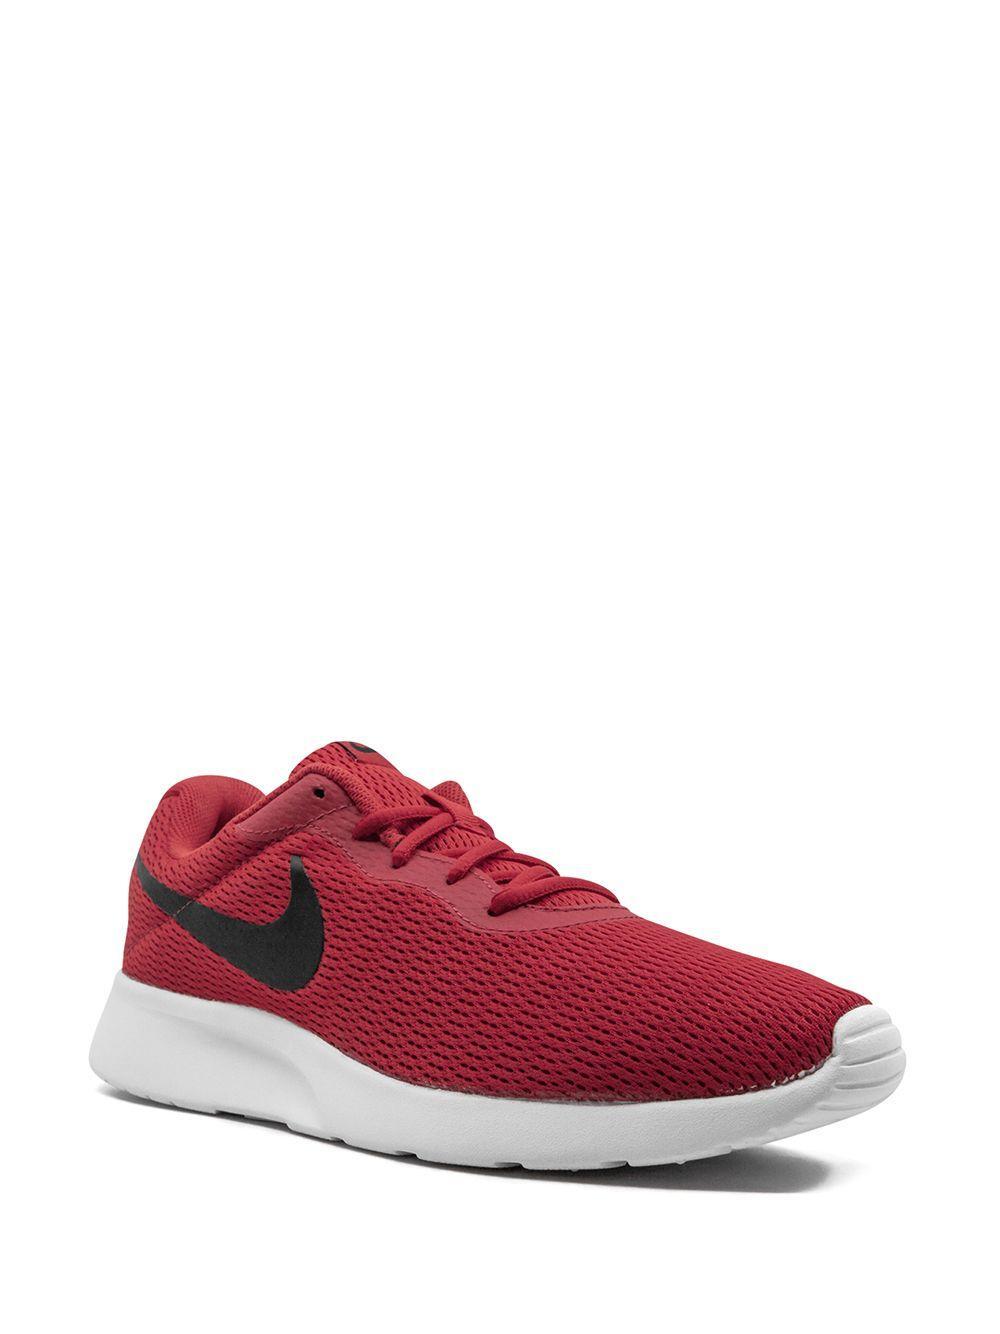 Zapatillas bajas Tanjun Nike de Encaje de color Rojo para hombre